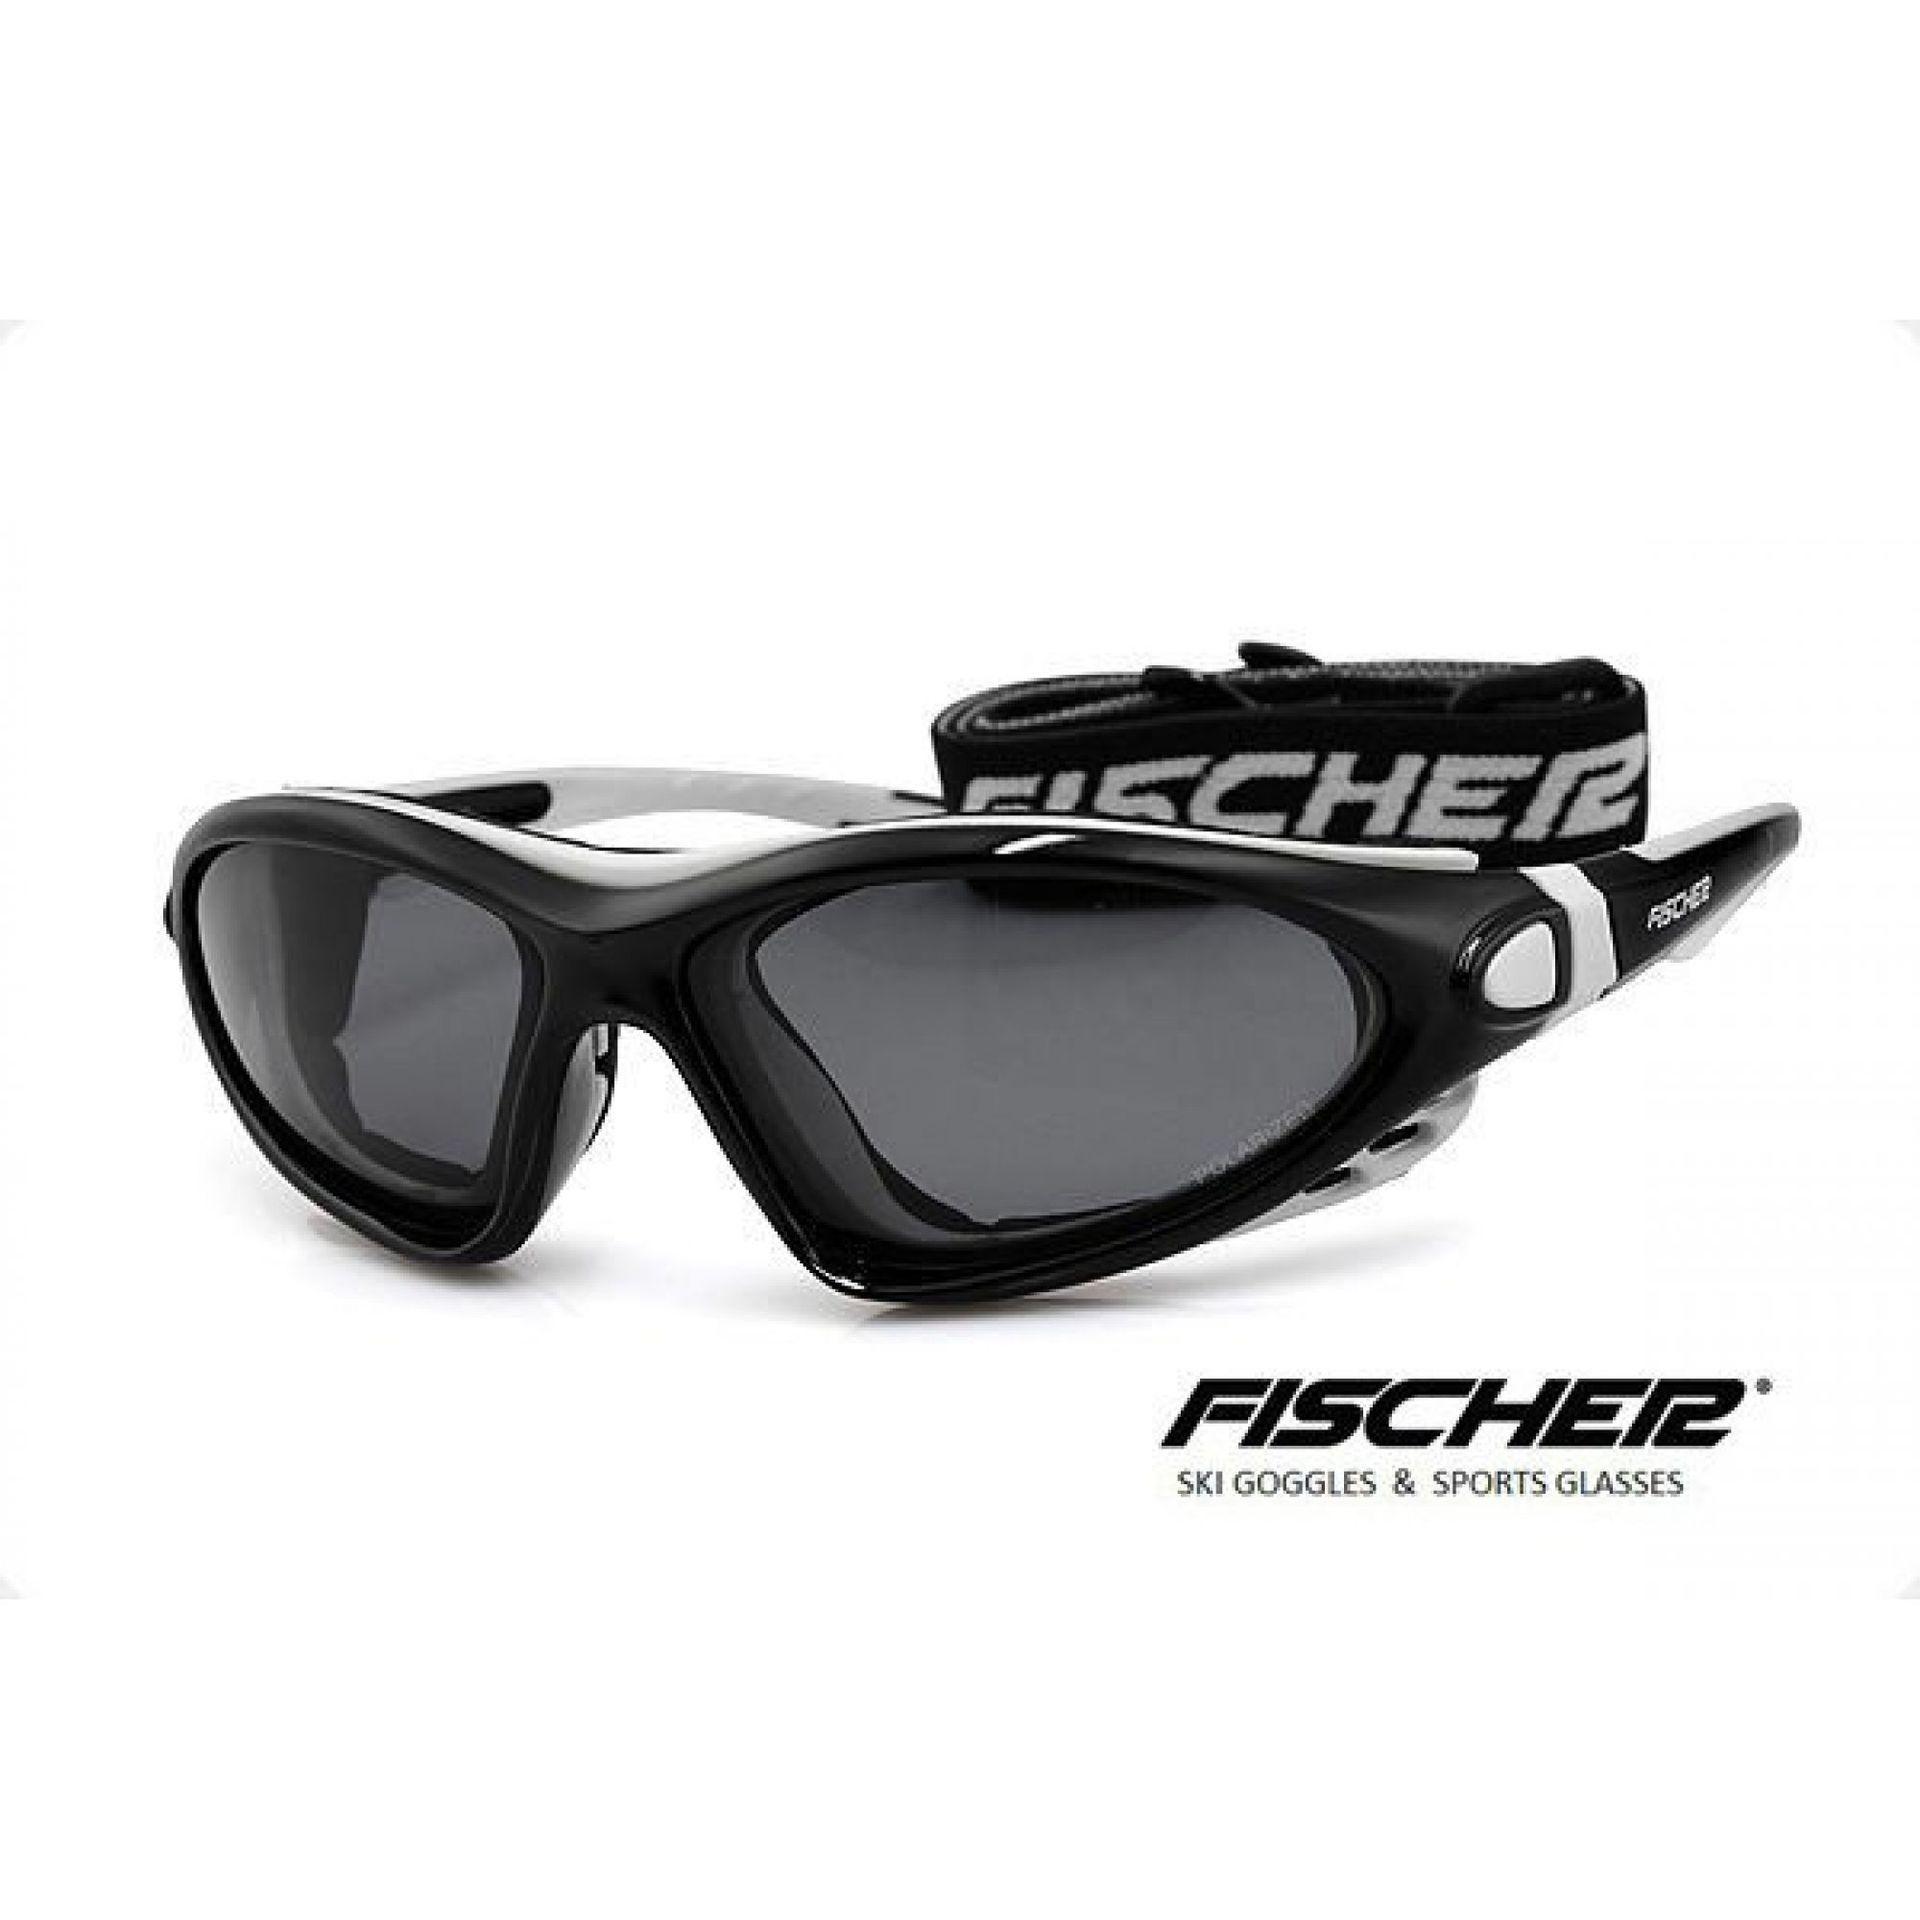 Okulary Fischer FS-03 D biały czarny